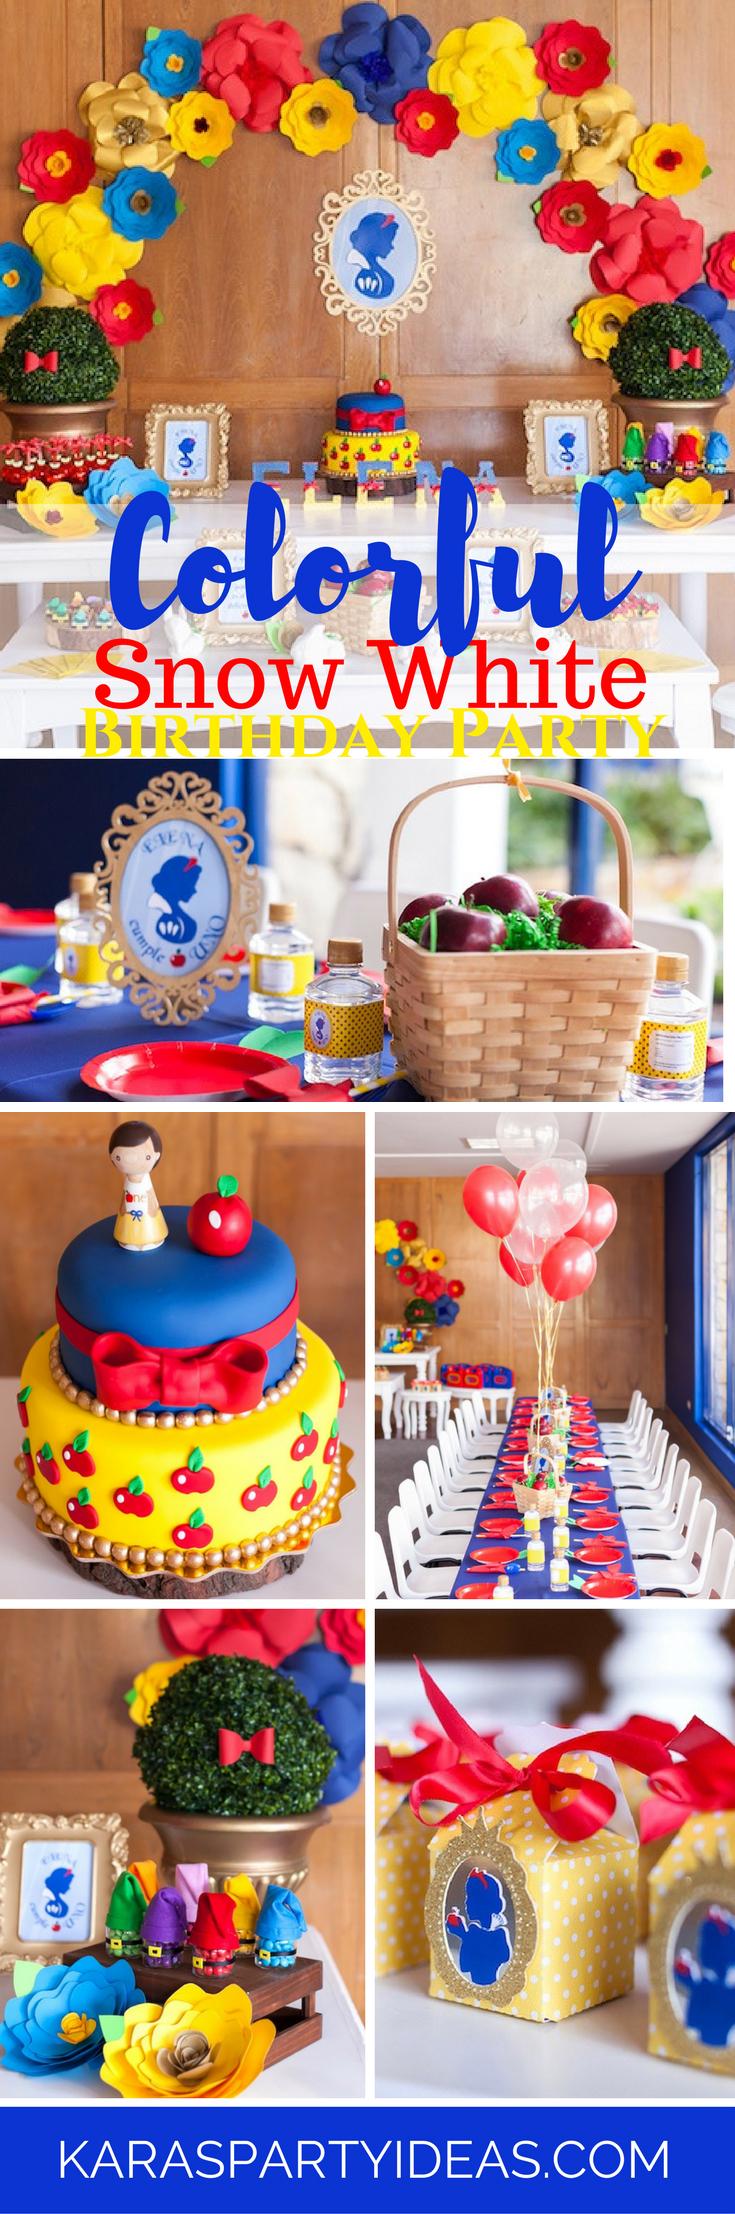 Kara S Party Ideas Colorful Snow White Birthday Party Kara S Party Ideas